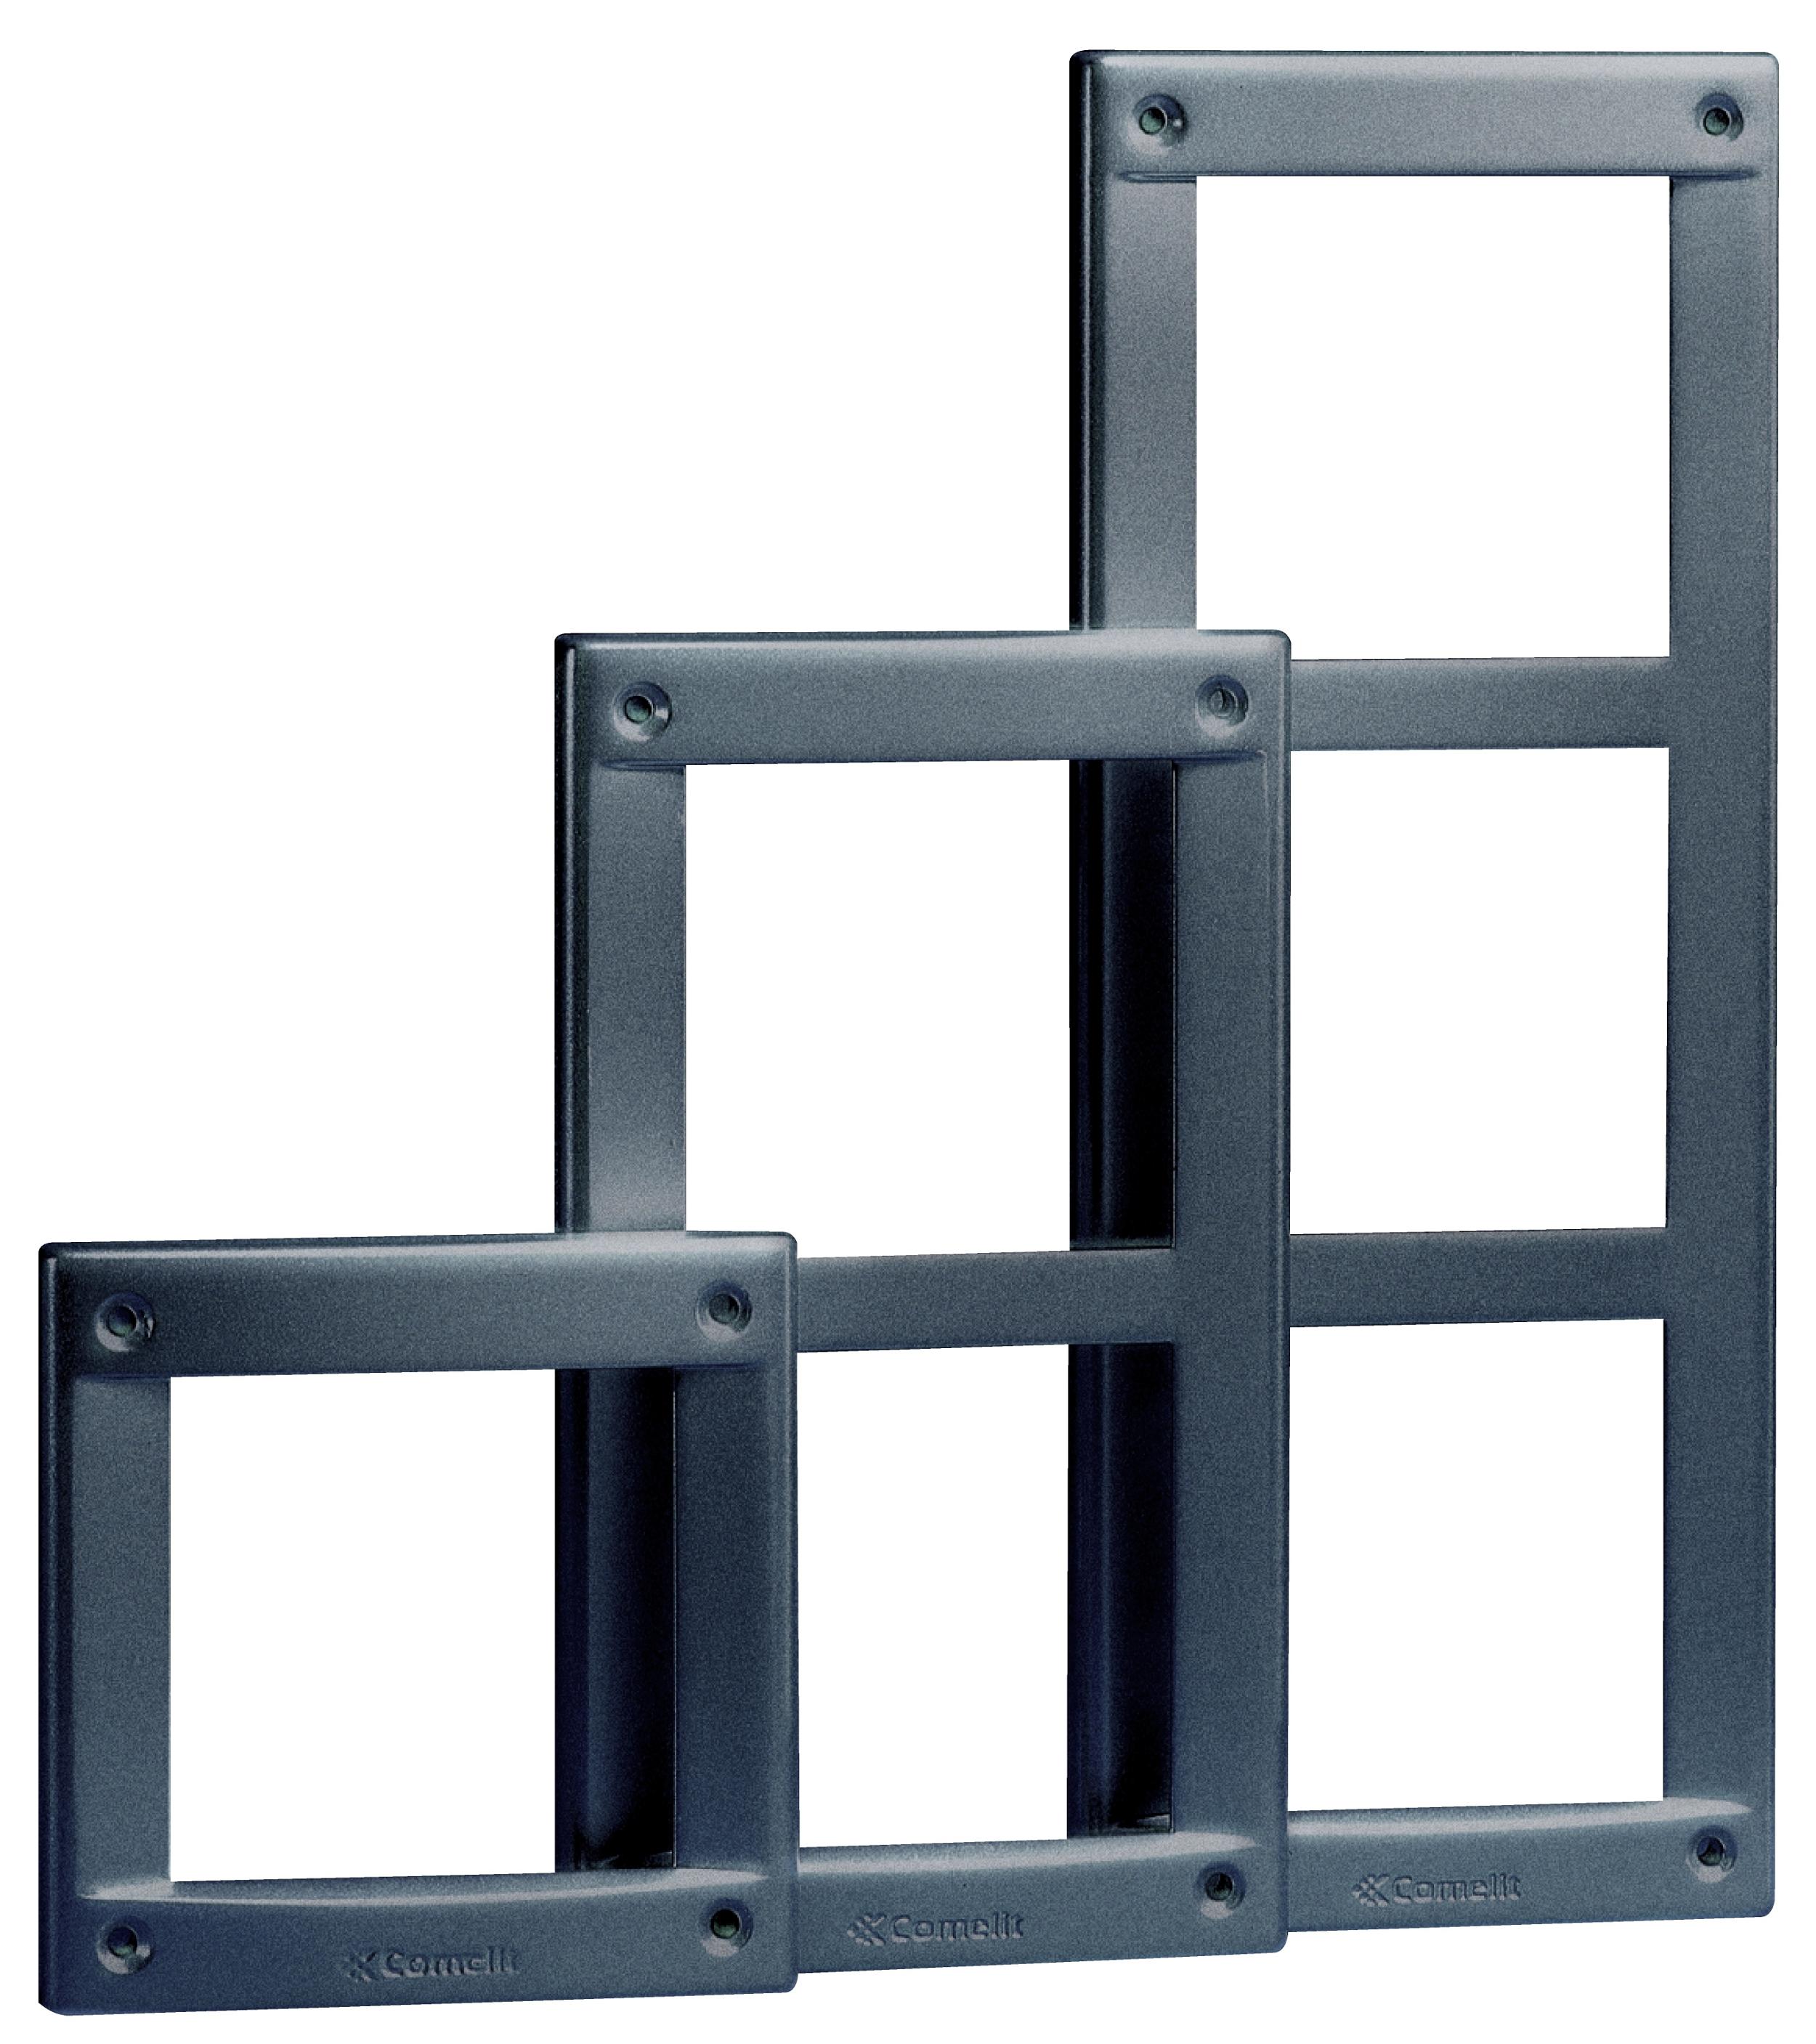 1 Stk Rahmen zu Aussenstelle für 2 Module Vandalcom SP316102--